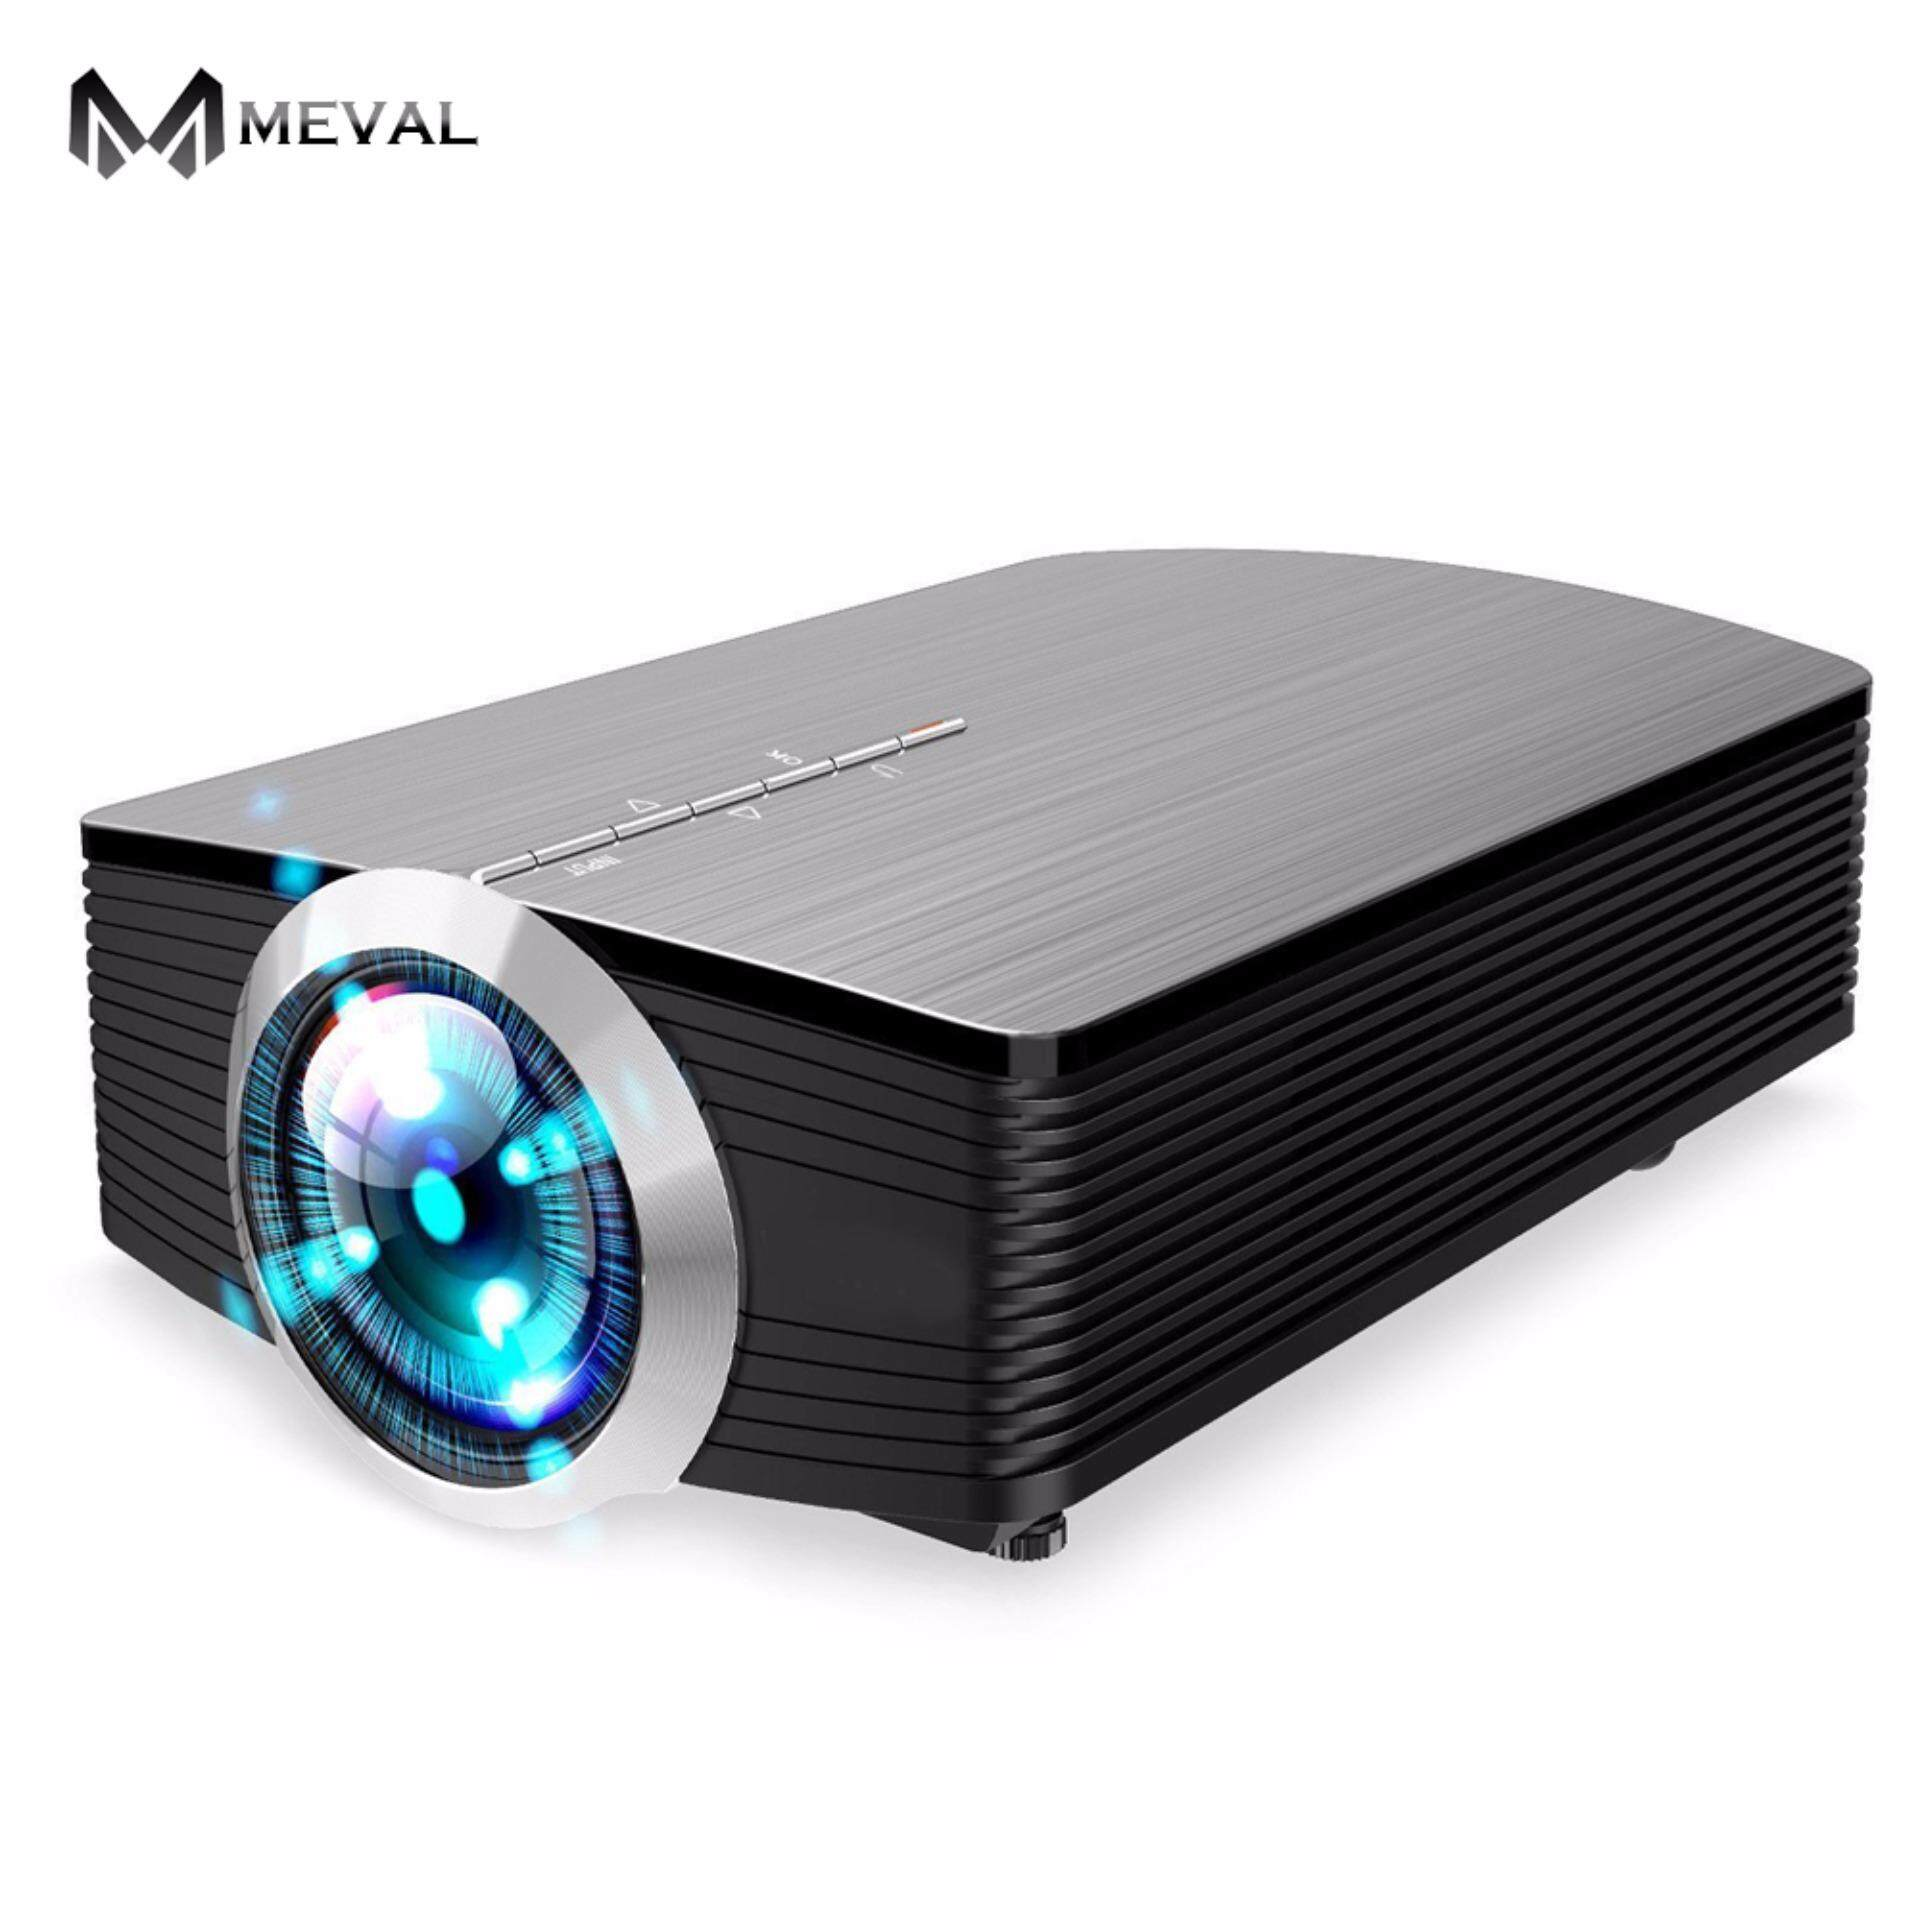 Meval YG500 Mini Lcd Projector 1000 Lumens AC3 Dukungan Penuh HD Video Portabel LED Rumah Theater Murah HDMI Proyector Beamer -Internasional